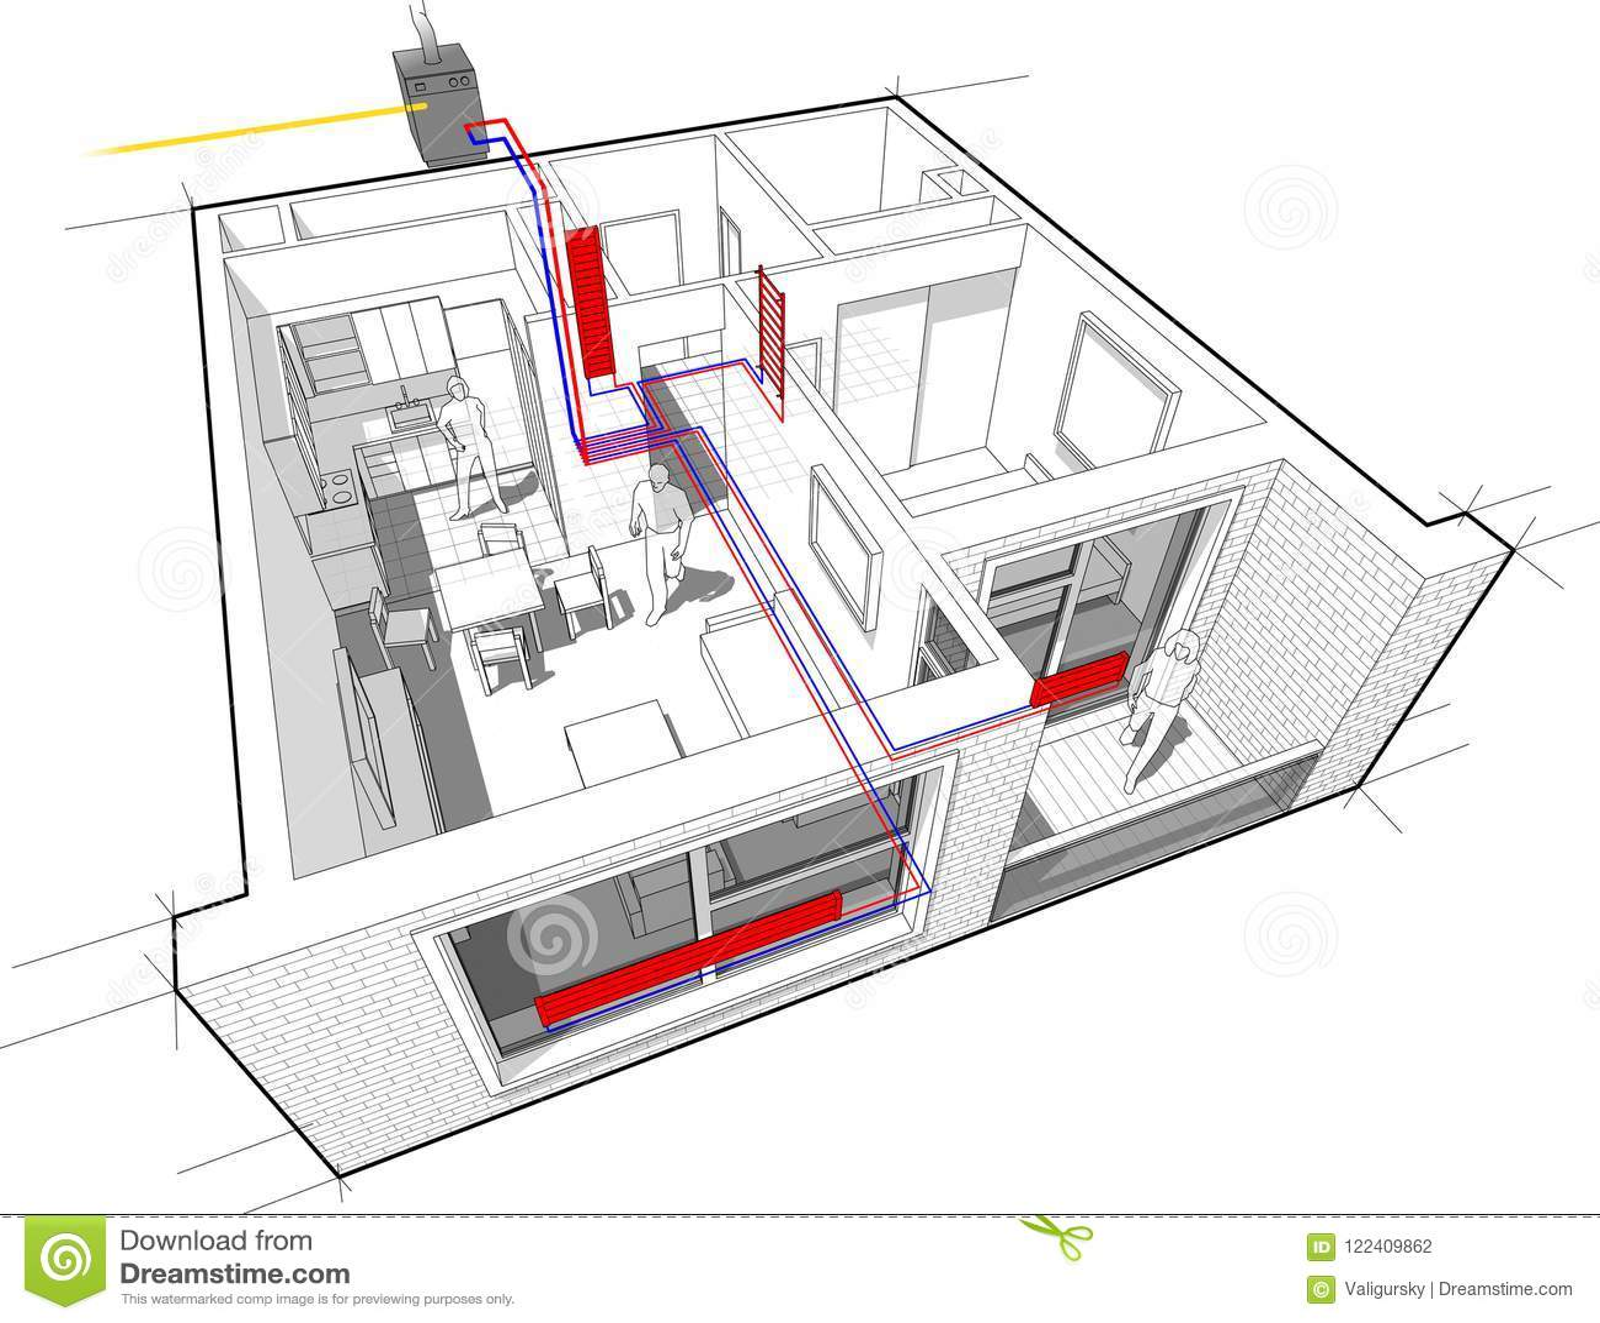 Riscaldare Camera Da Letto diagramma dell'appartamento con il riscaldamento del